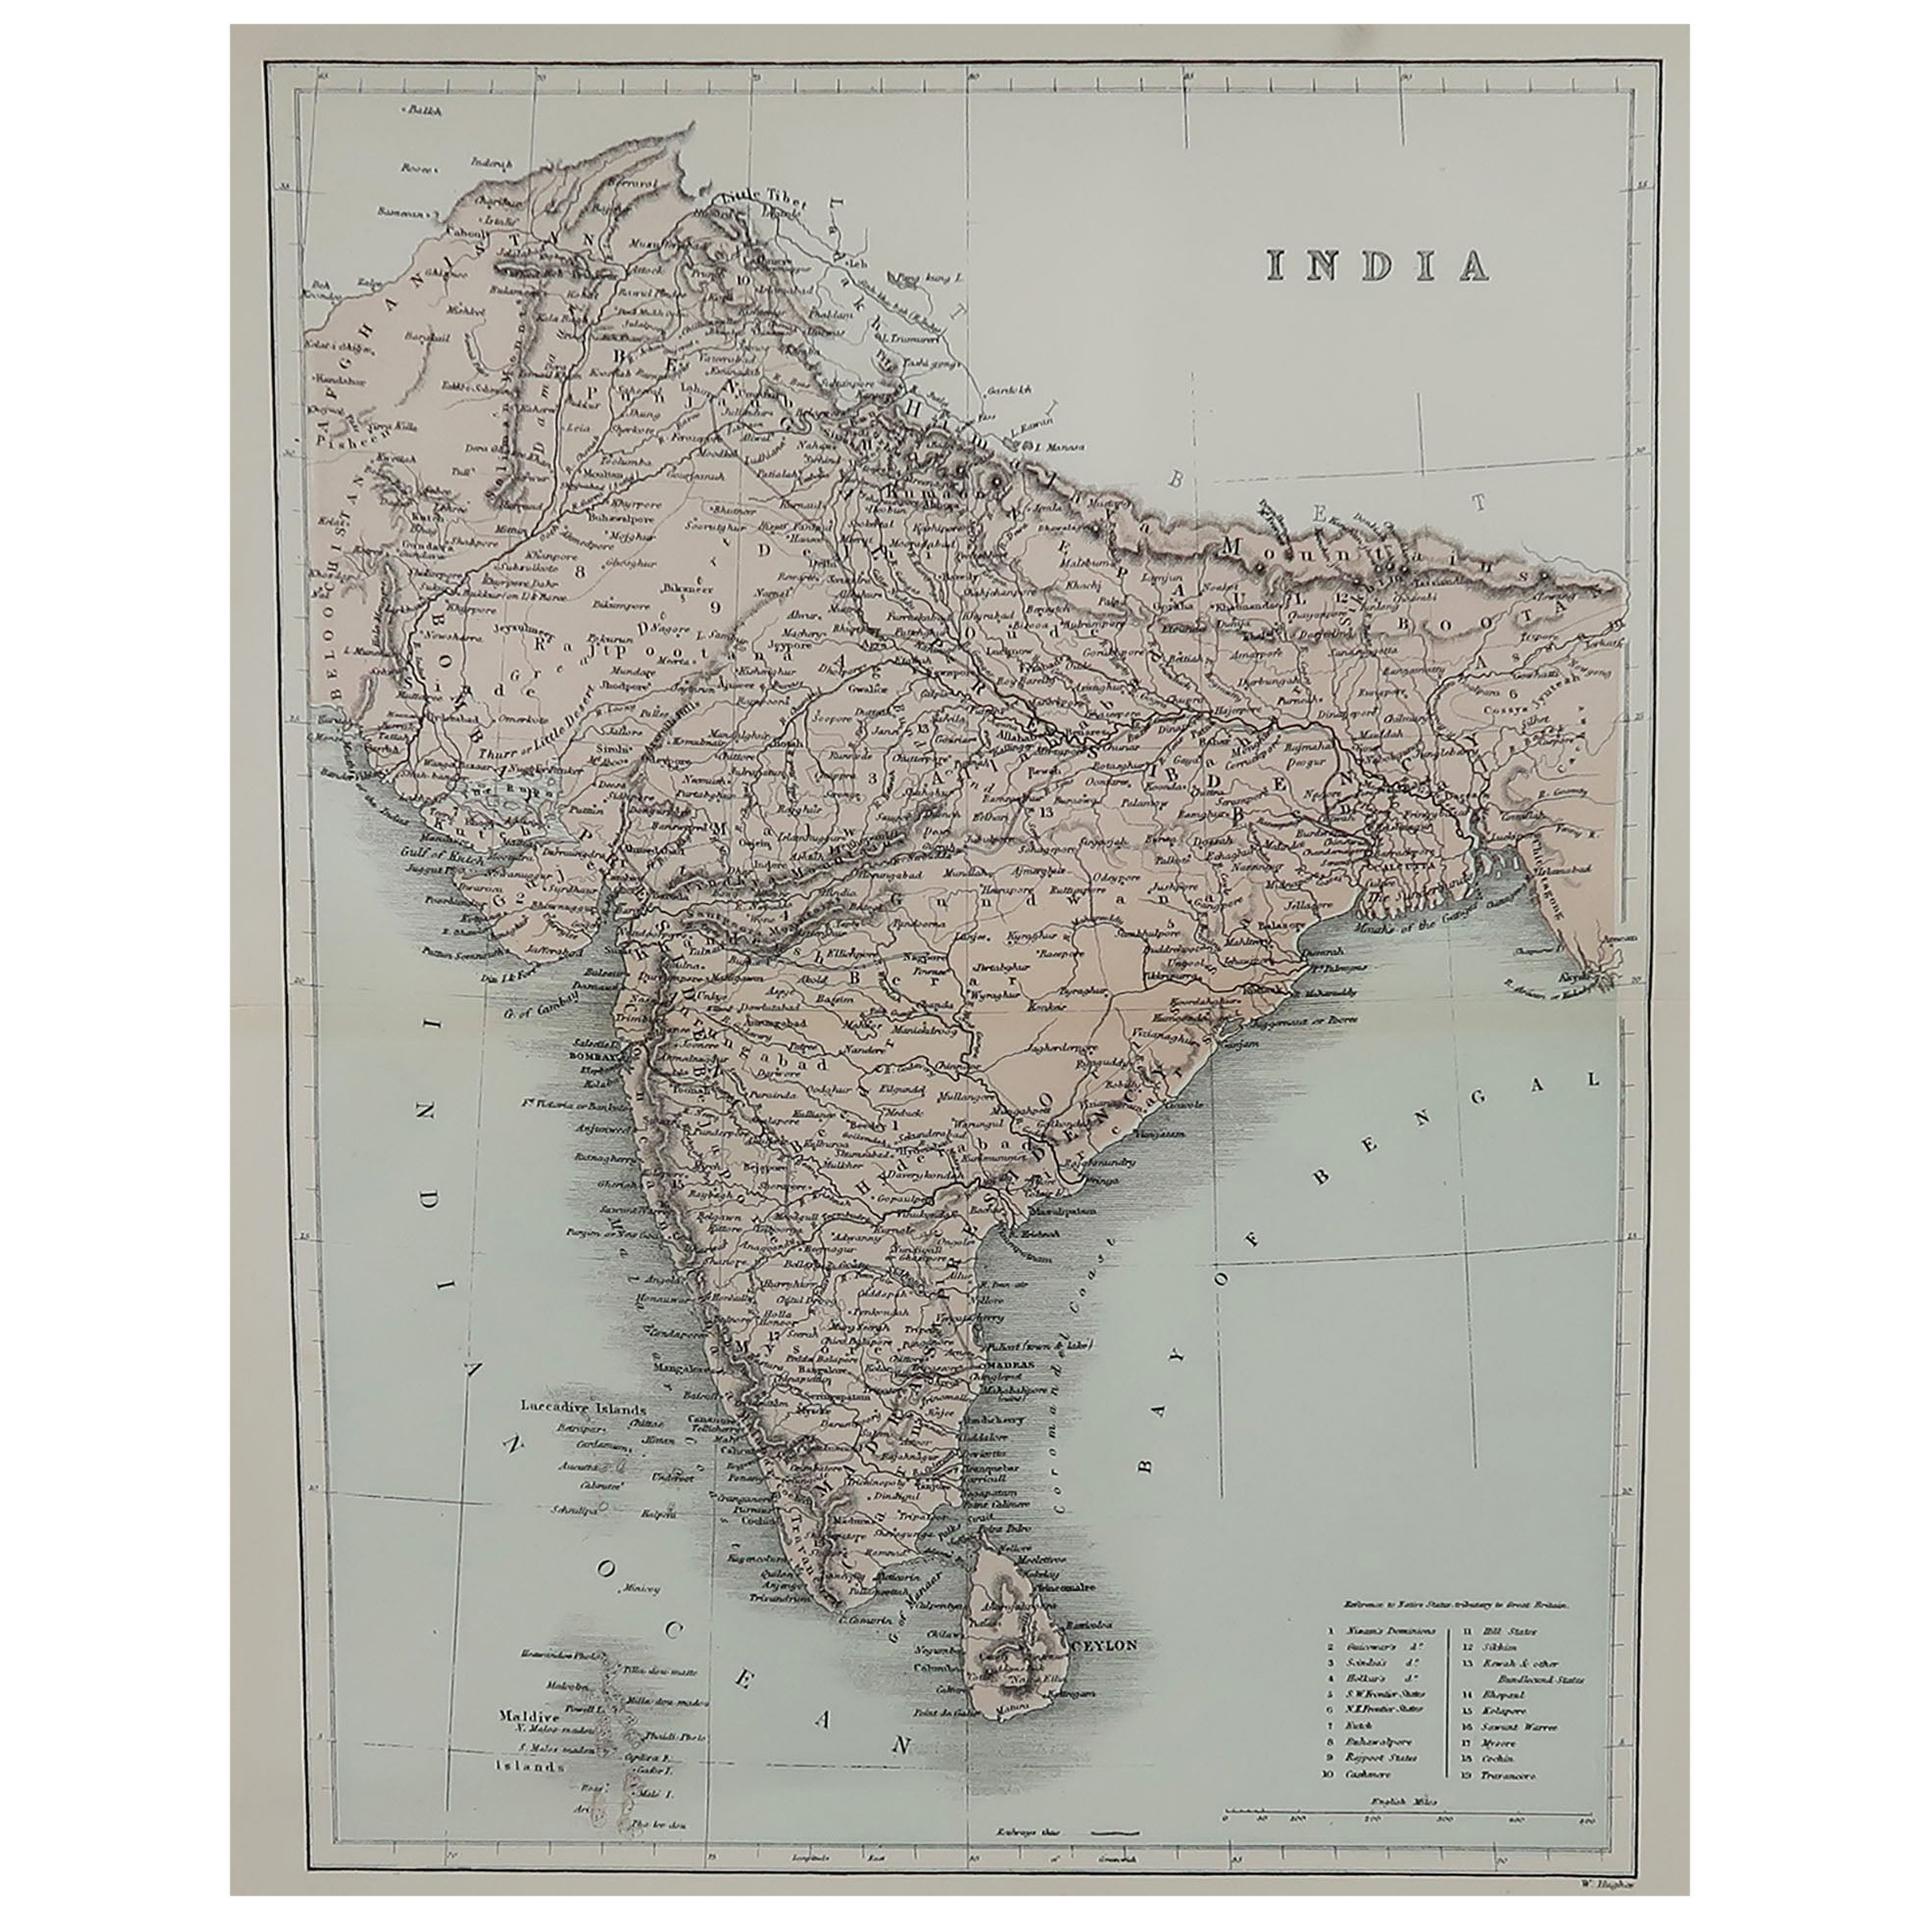 Original Antique Map of India, circa 1850